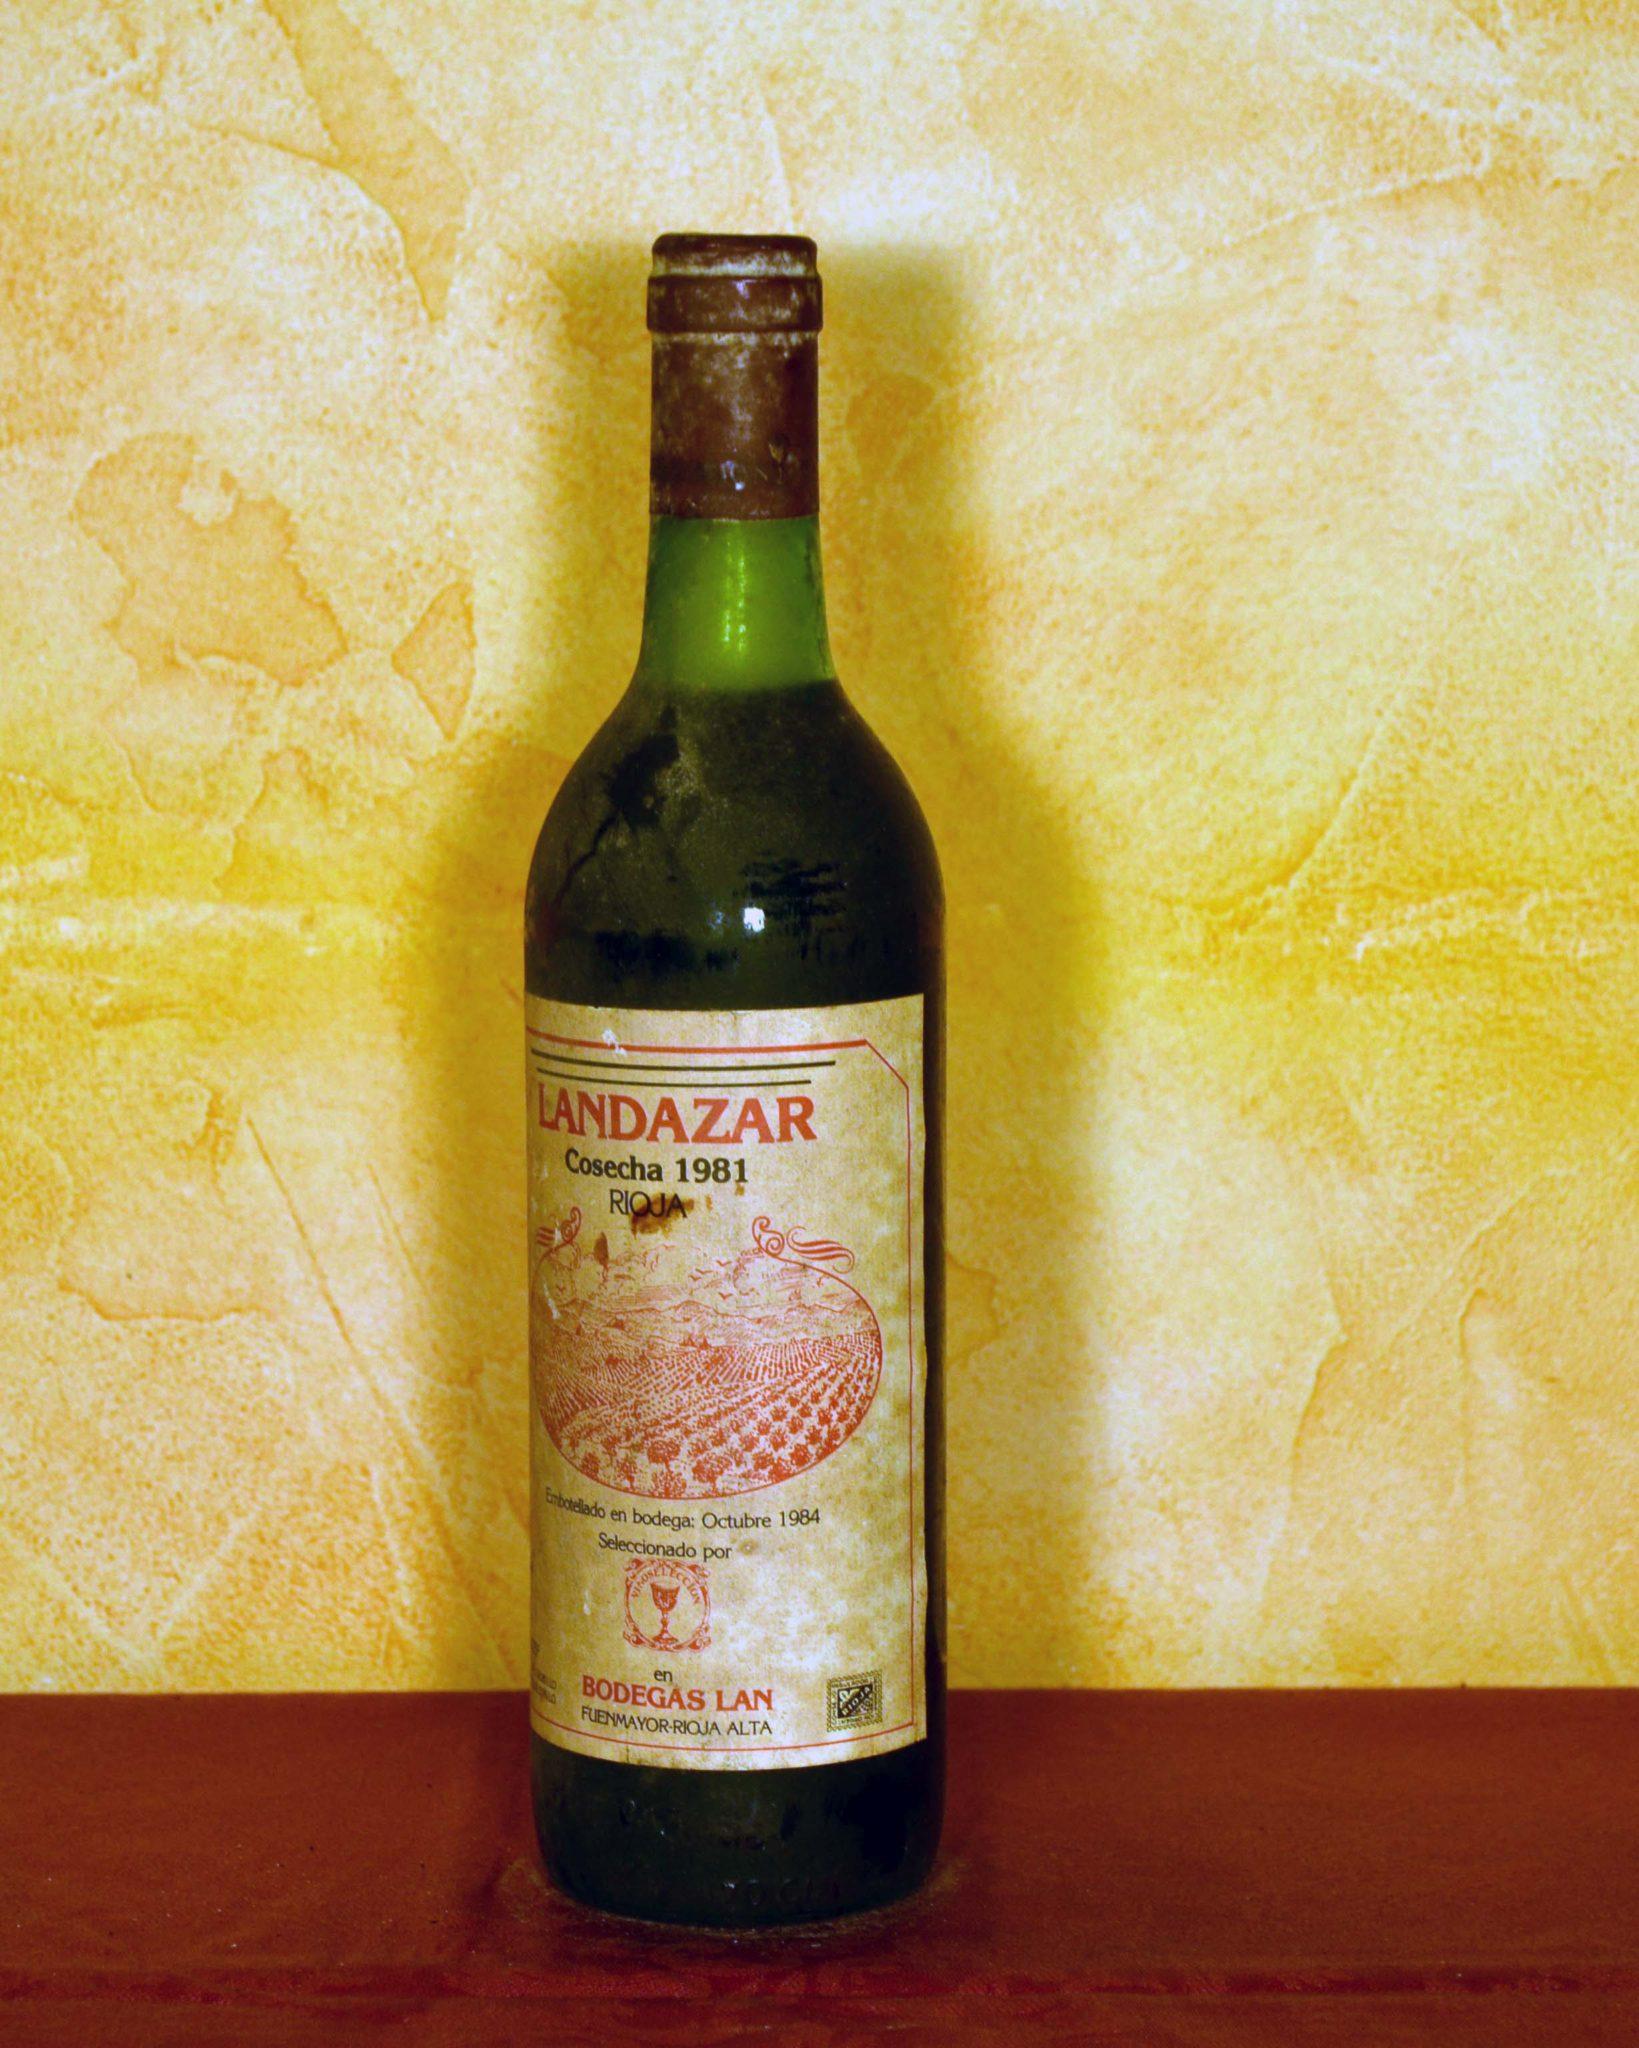 Landazar red vintage 1981